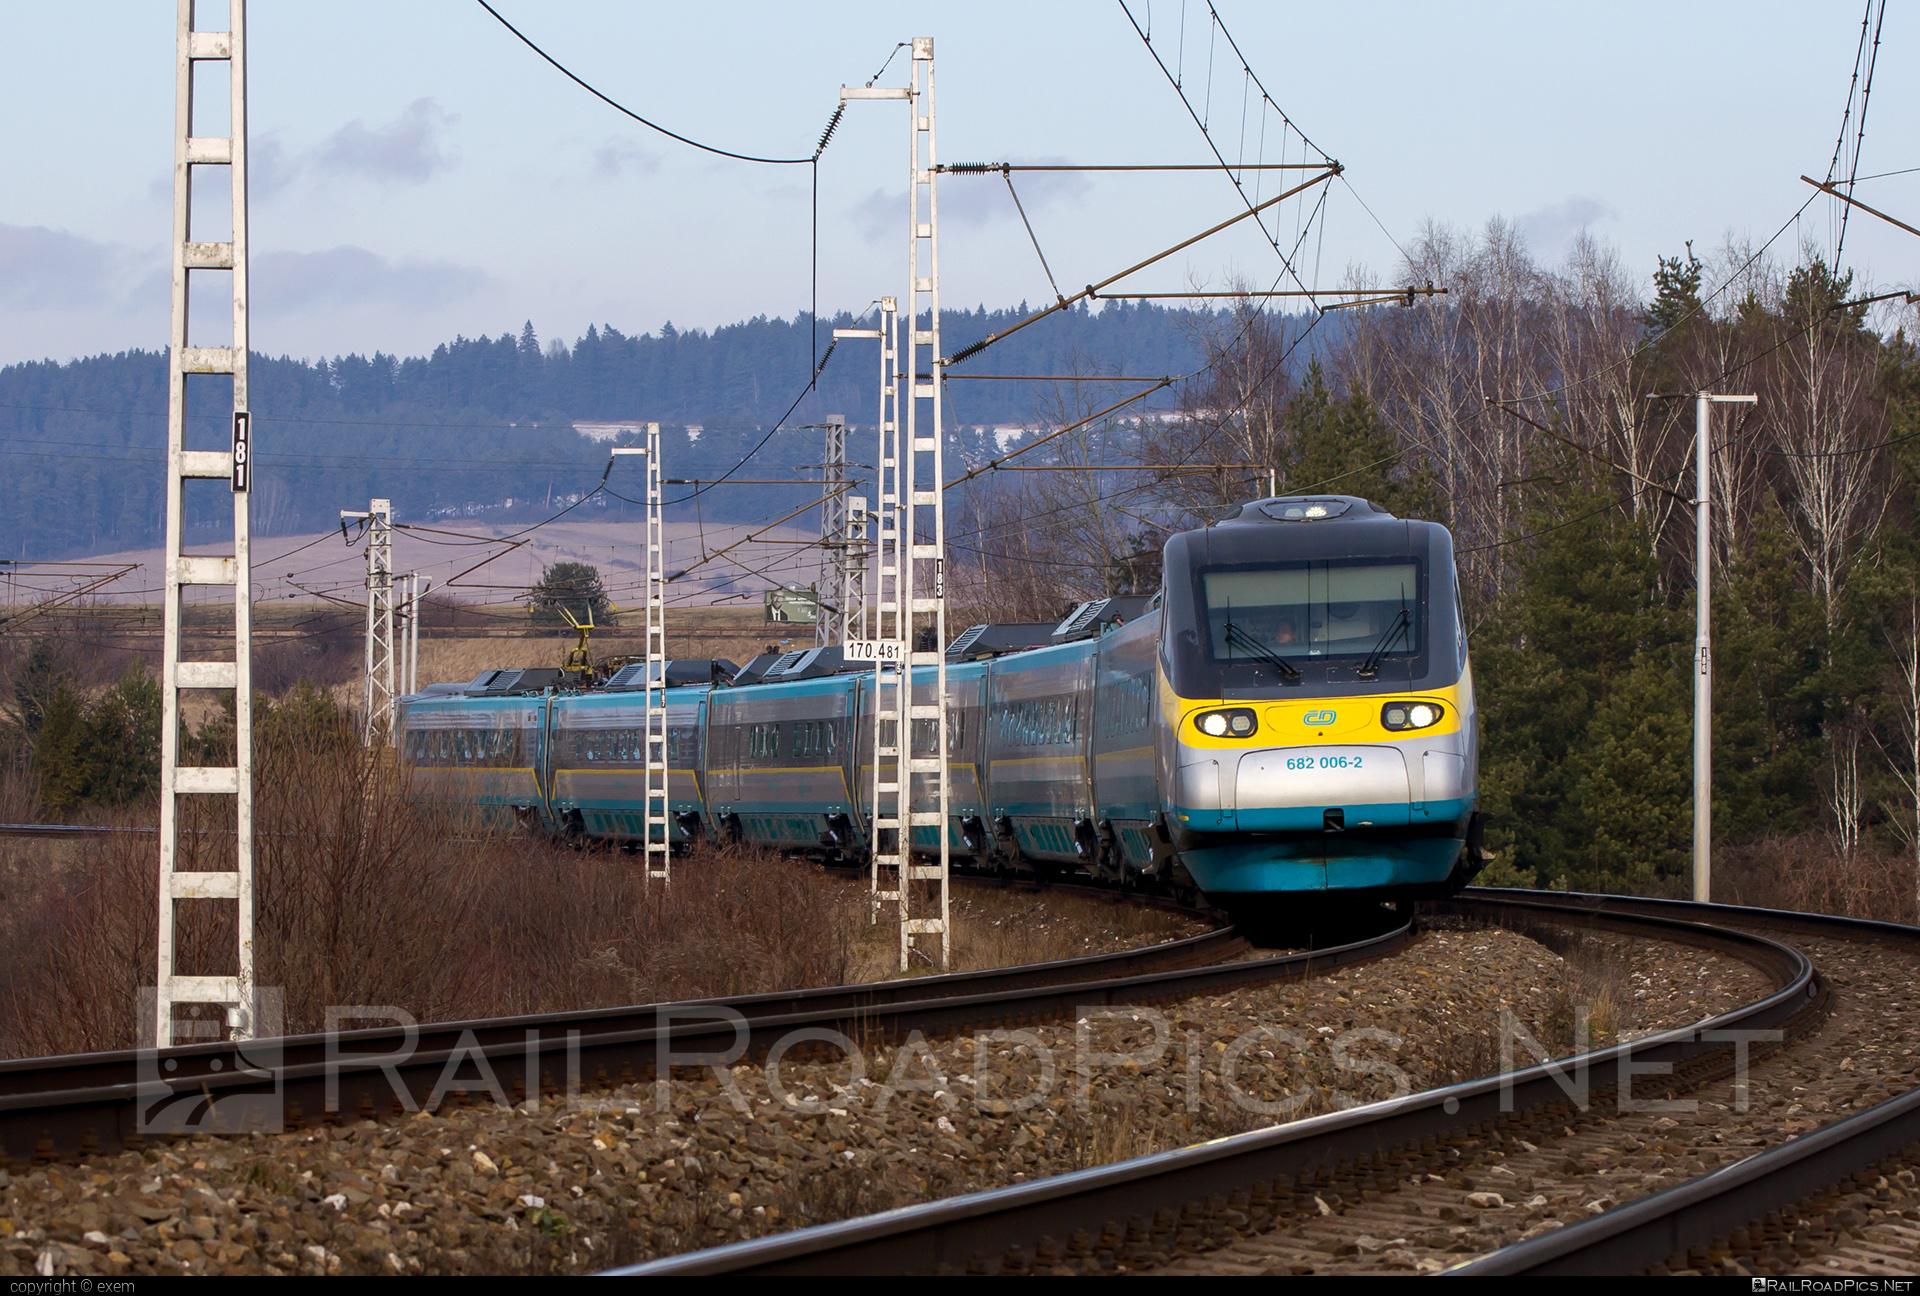 Alstom ČD Class 680 Pendolino - 682 006-2 operated by České dráhy, a.s. #CDclass680 #alstom #cd #ceskedrahy #pendolino